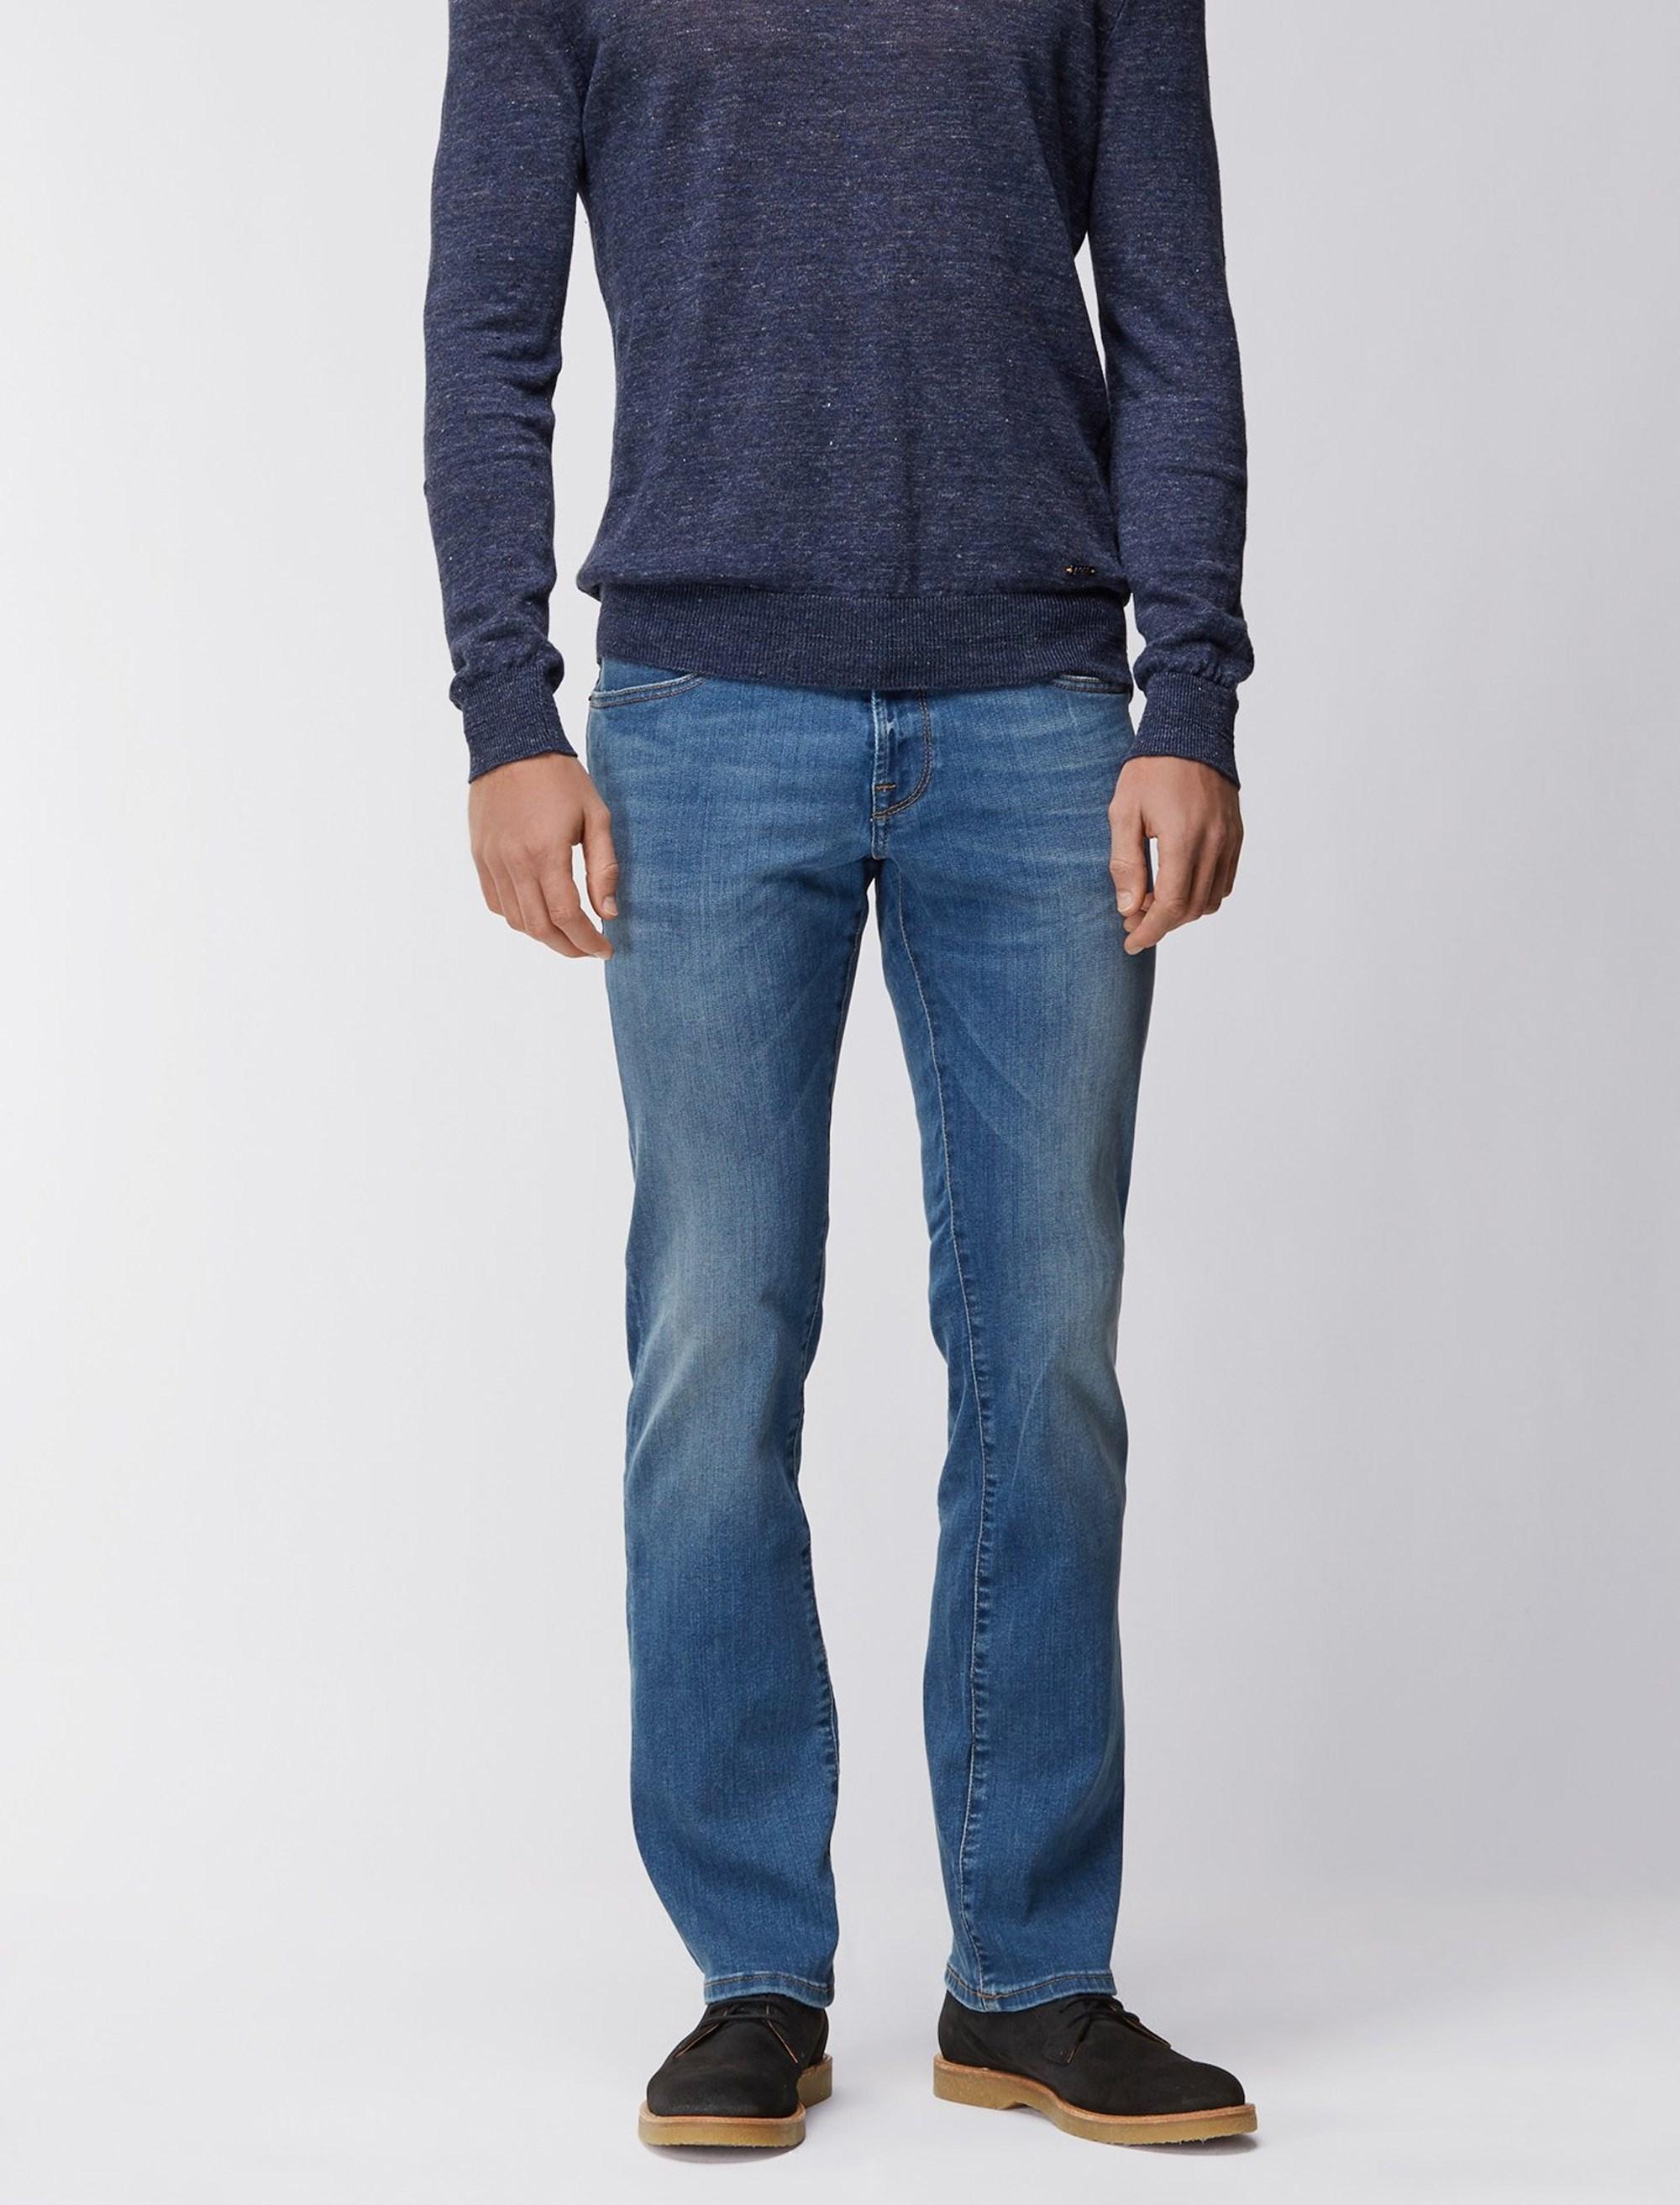 شلوار جین راسته مردانه Orange24 Barcelona-P VERANO